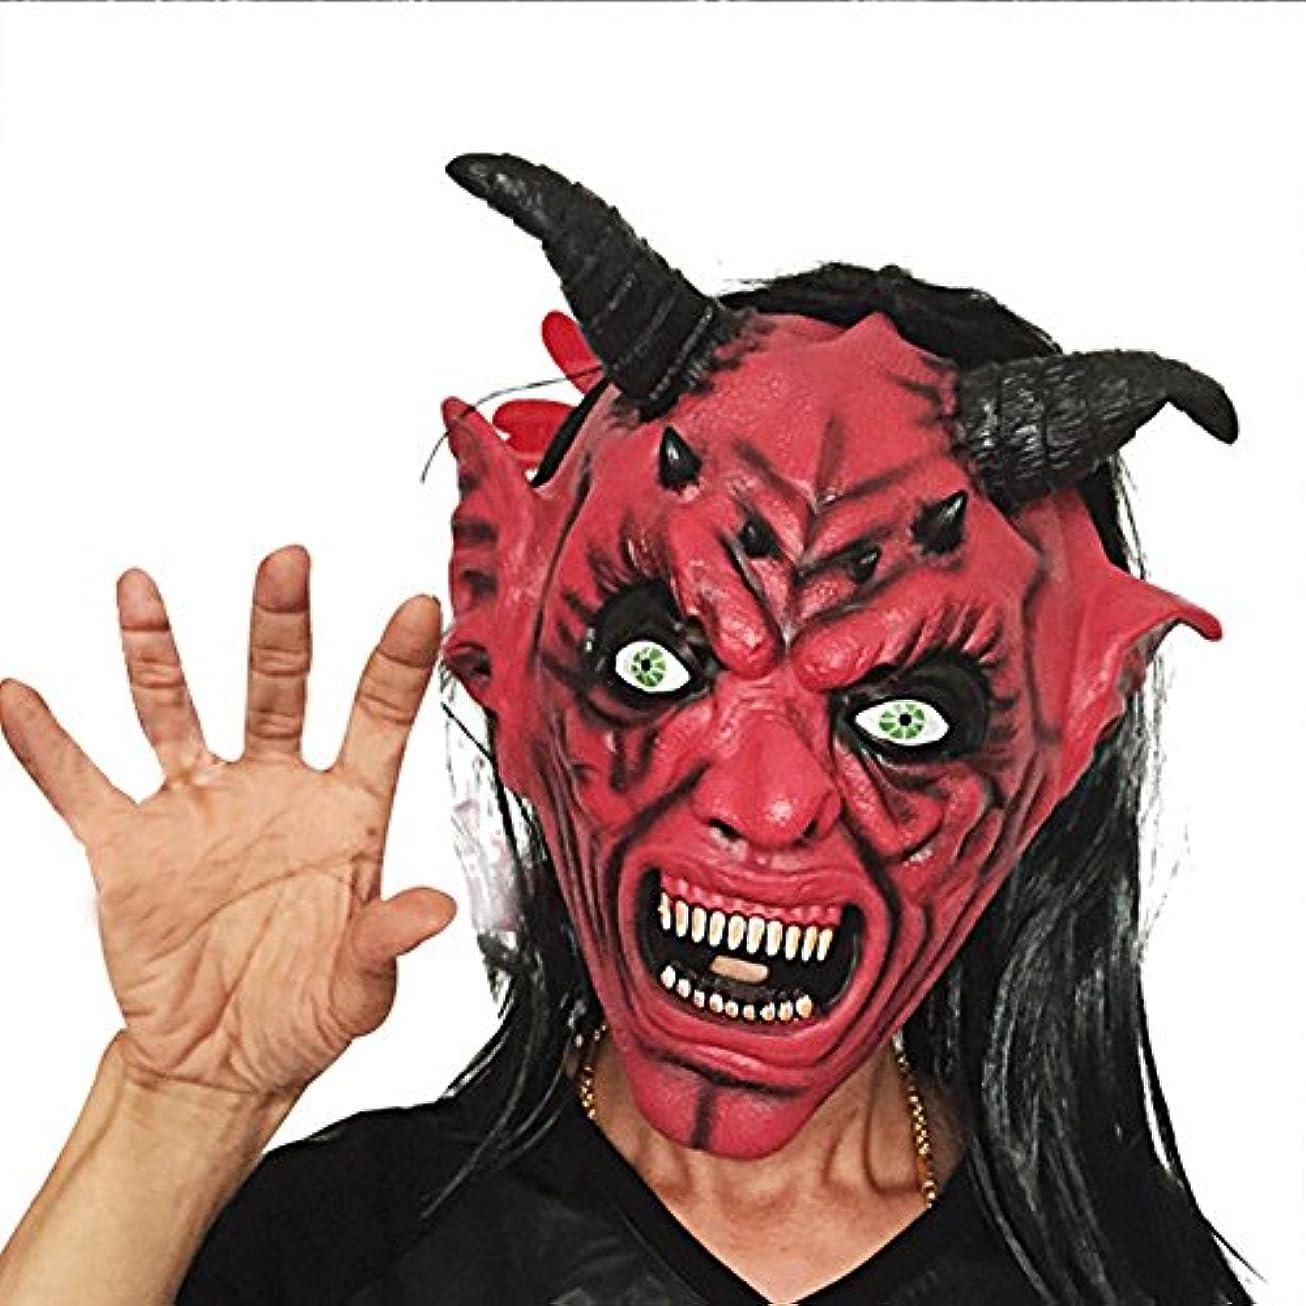 対話優先北ハロウィンロングヘアレッドフェイスホーンマスクカーニバルバー怖い悪魔怖いセットレッドフェイスブラックマスク